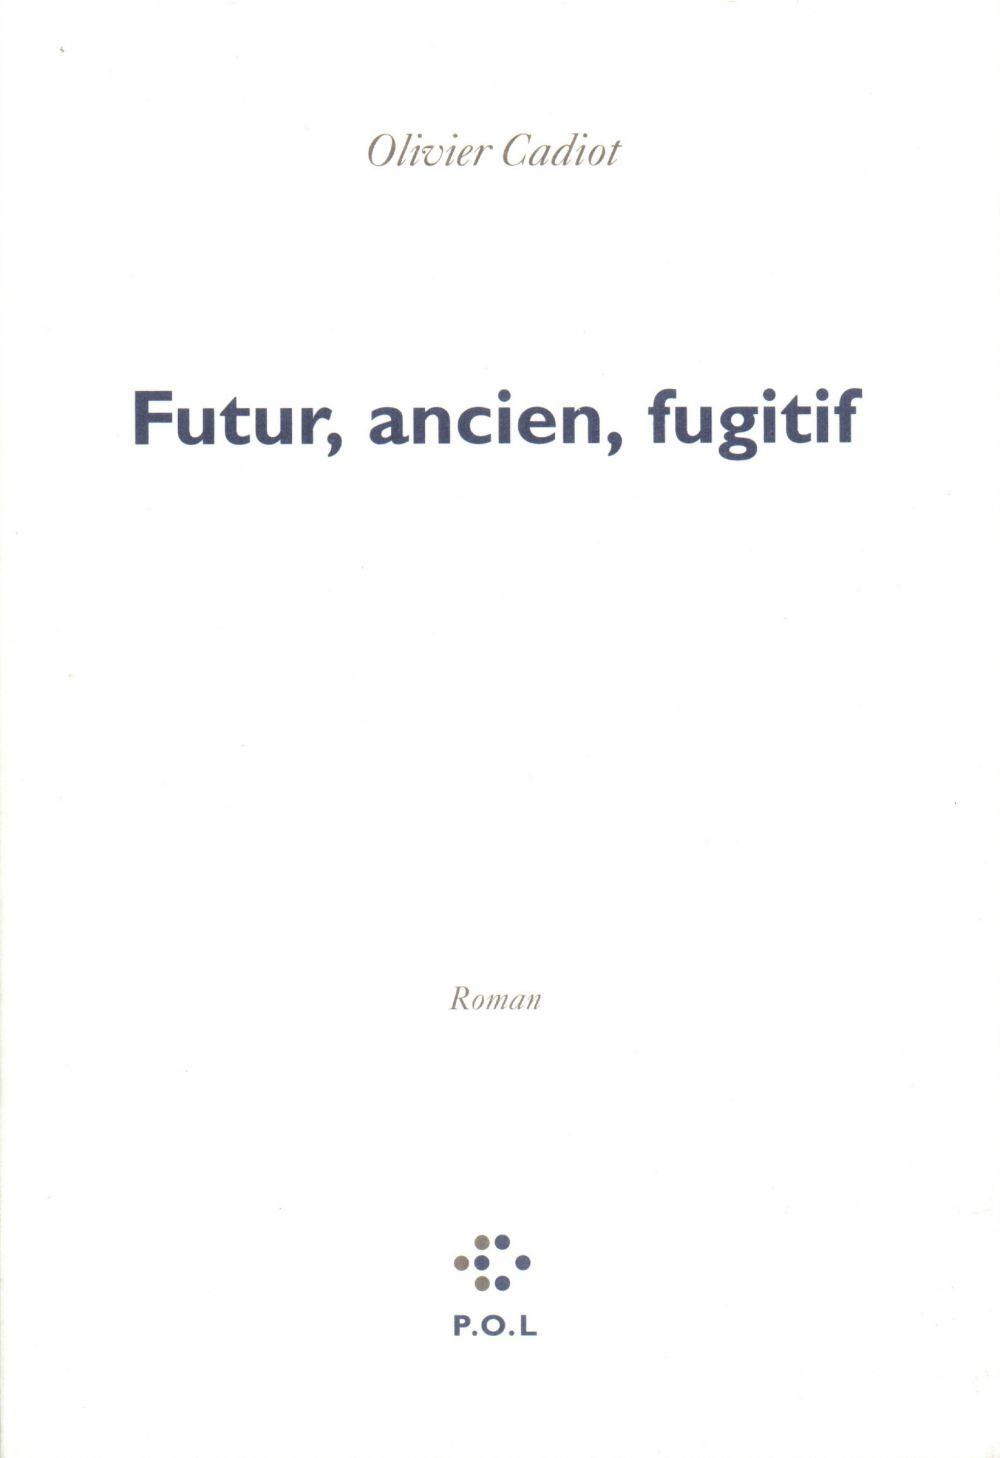 Futur ancien fugitif